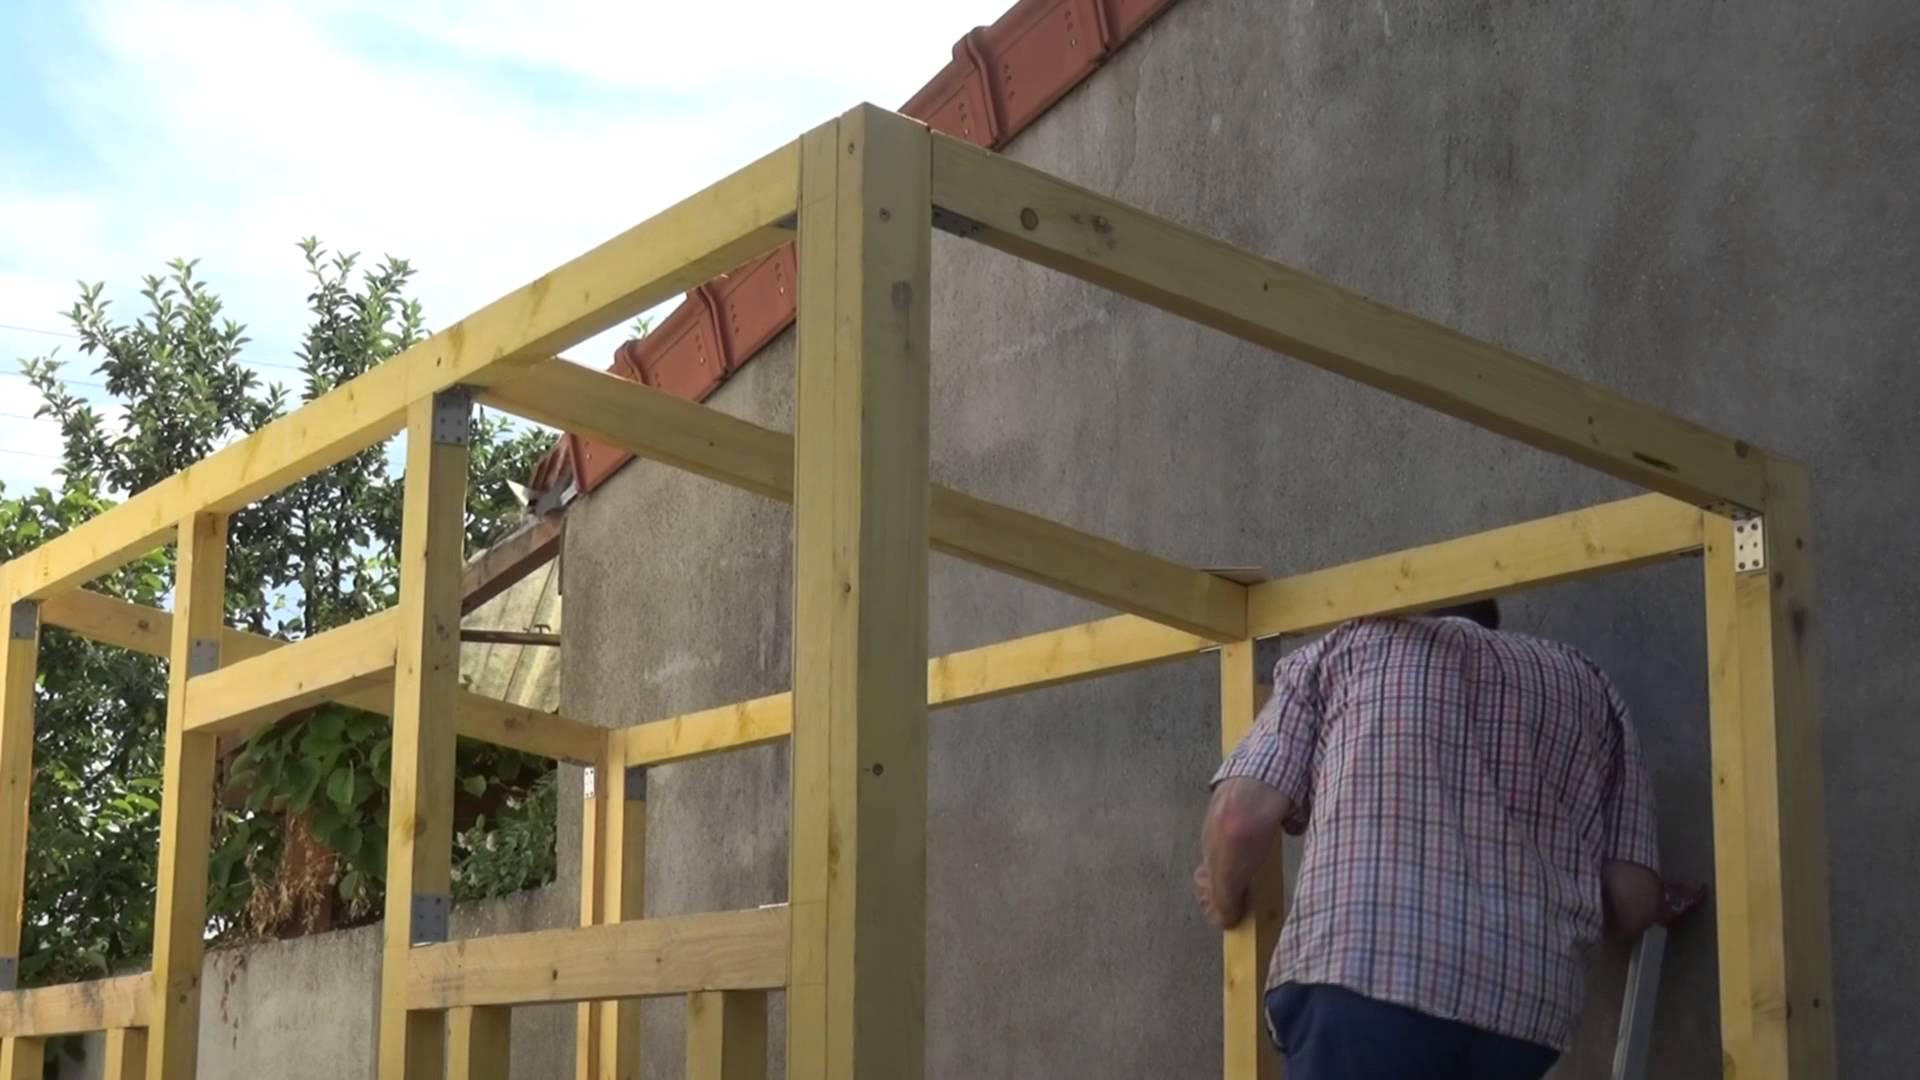 Construire Abri De Jardin Des Idées - Idees Conception Jardin avec Construction Abris De Jardin